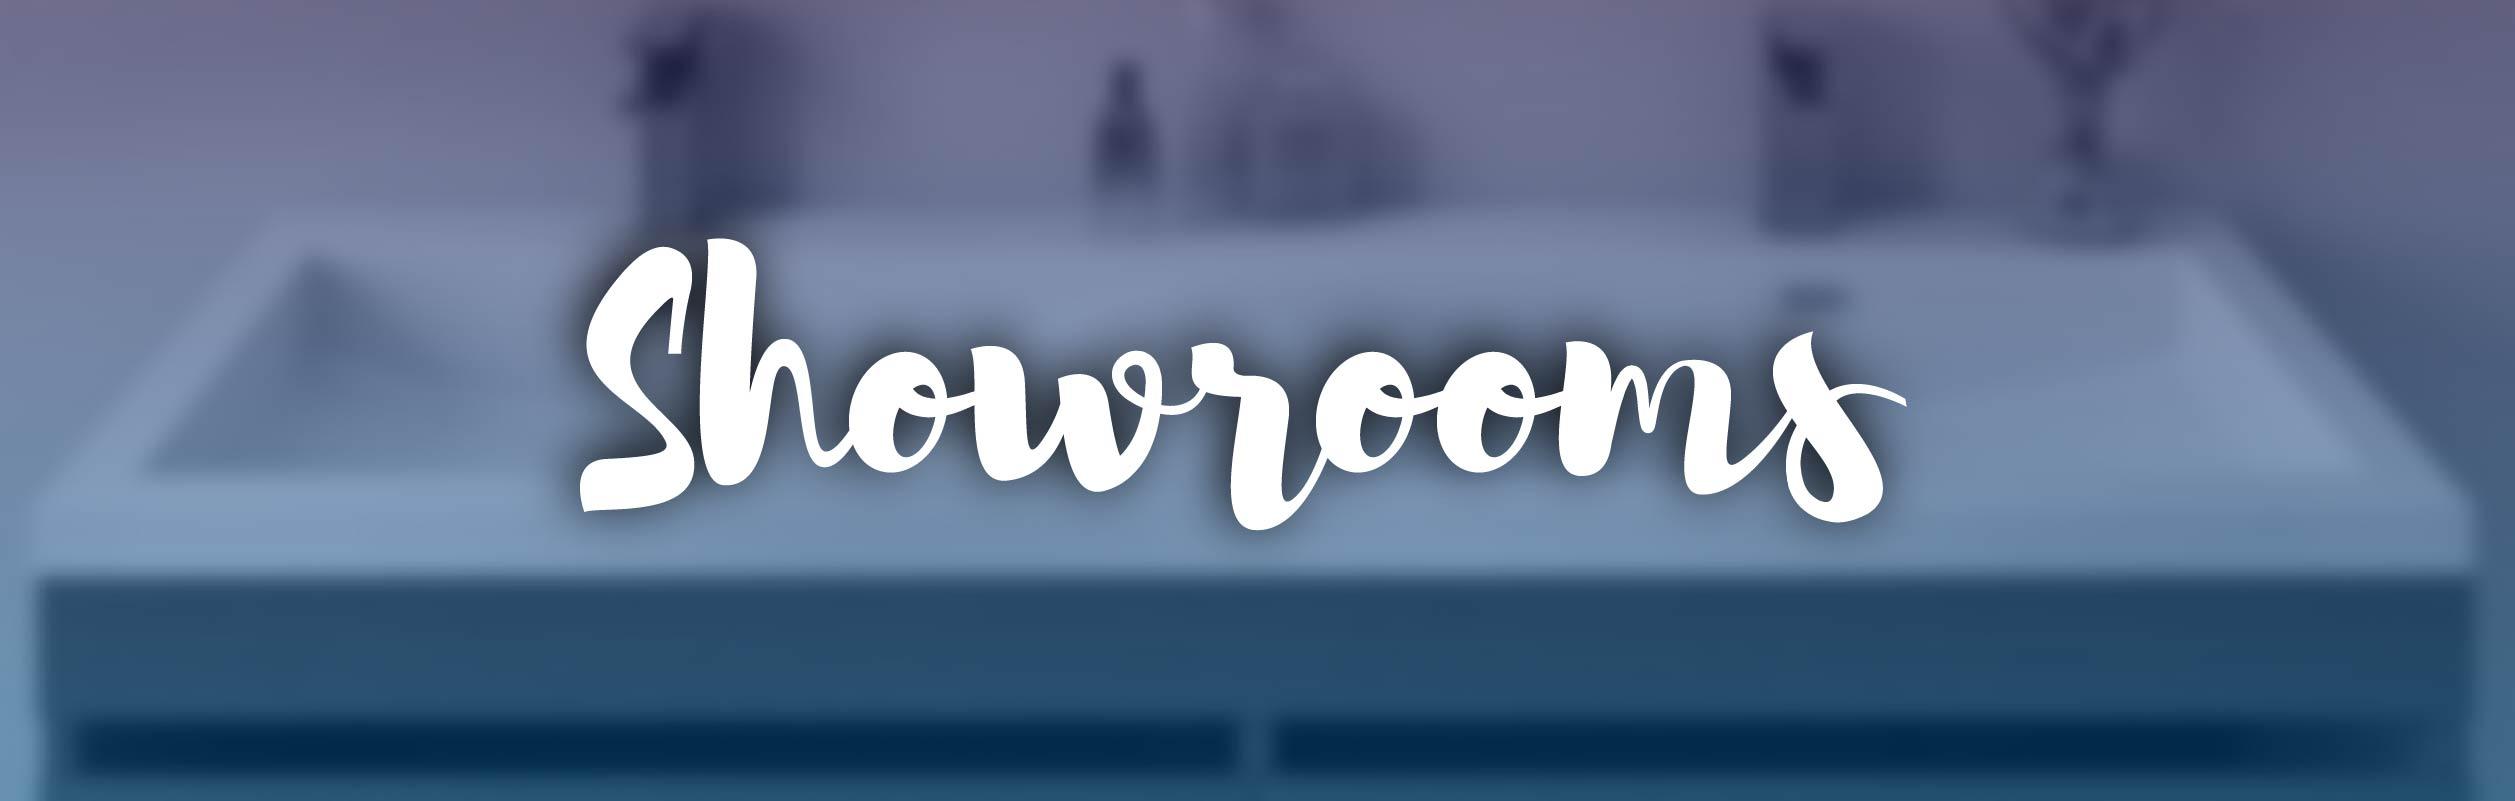 Showrooms-01